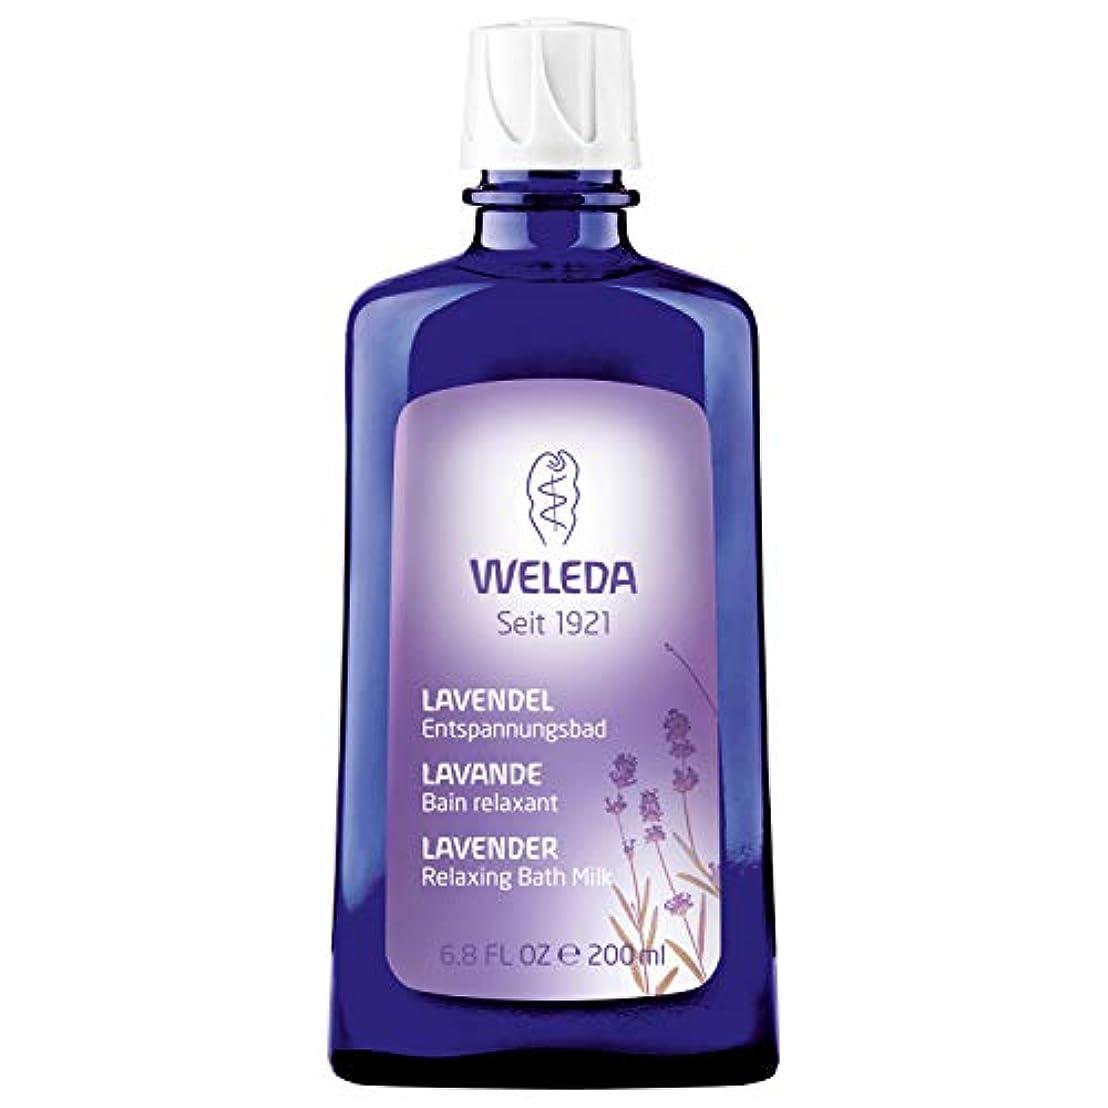 立方体どっちでも証明するWELEDA(ヴェレダ) ヴェレダ ラベンダー バスミルク ラベンダーの香り 単品 200ml